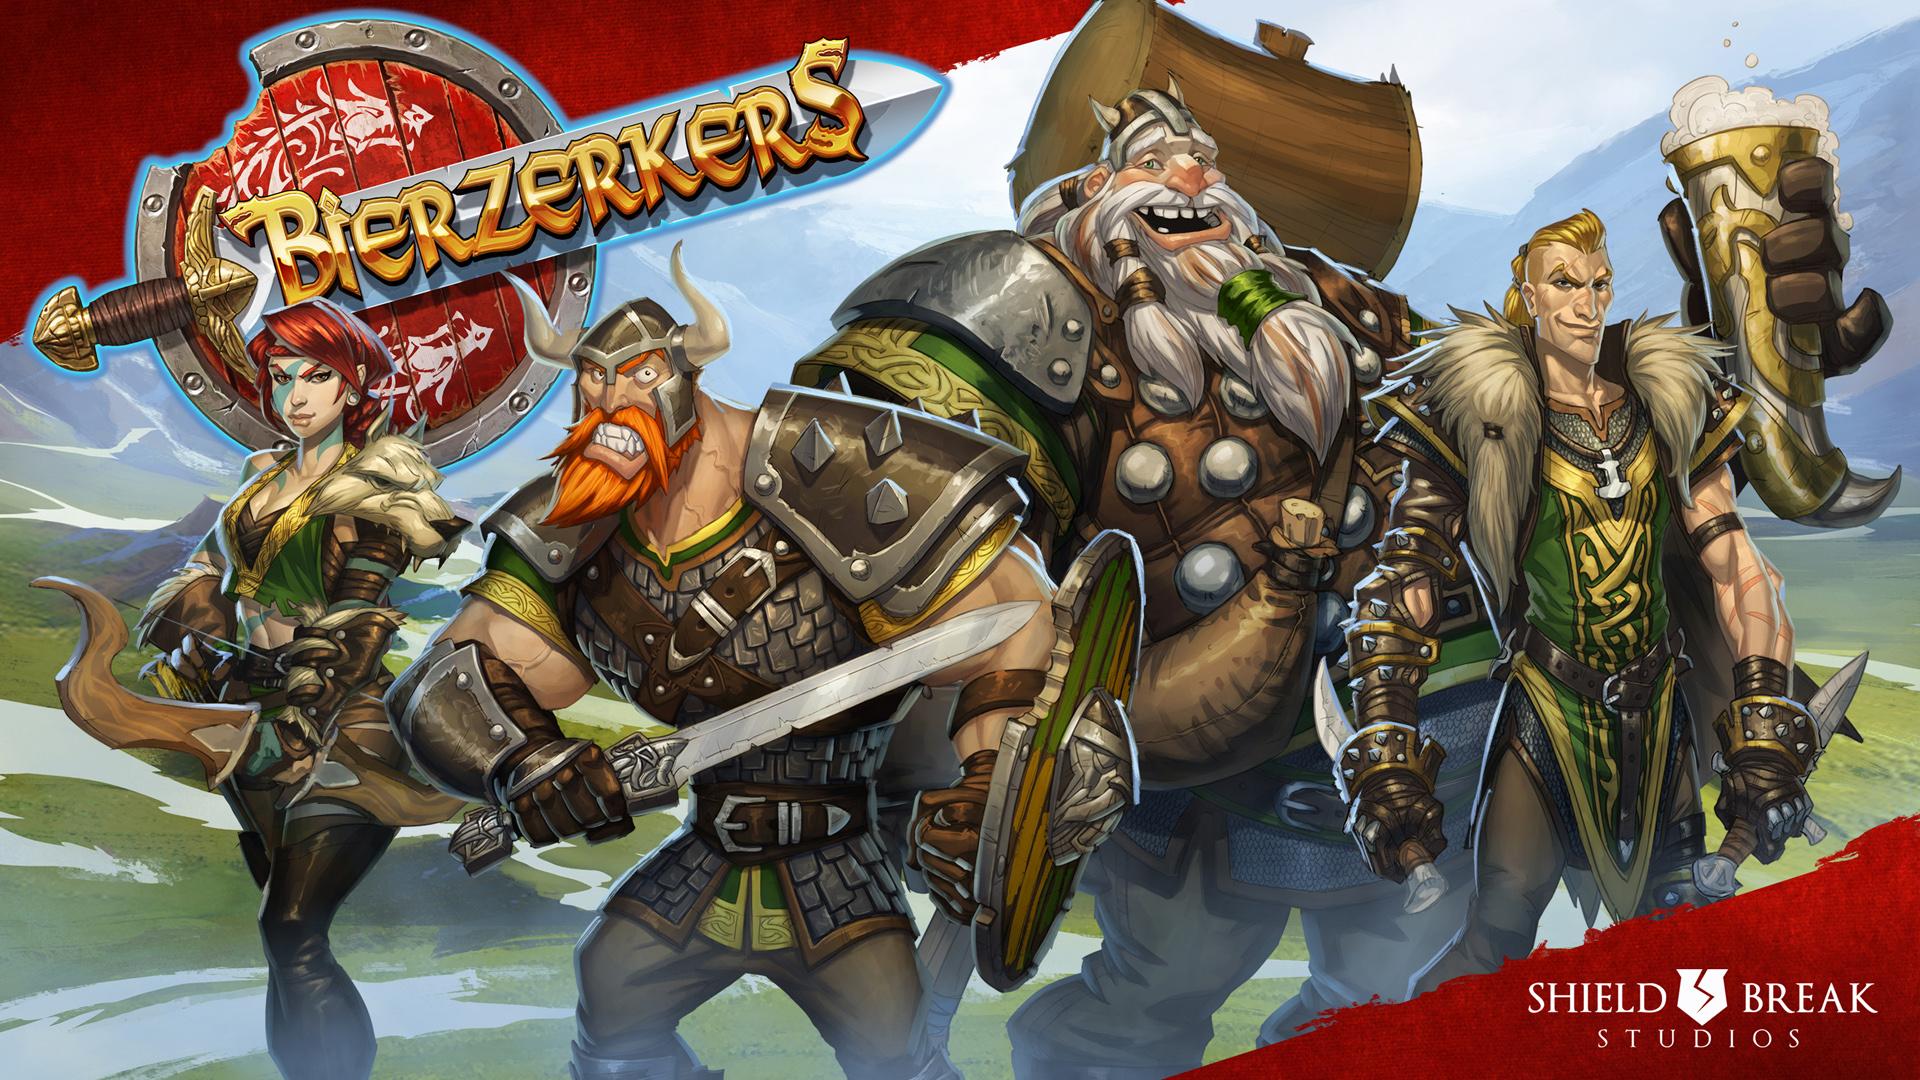 Bierzerkers - Unreal Engine 4 Multiplayer Combat Set in the